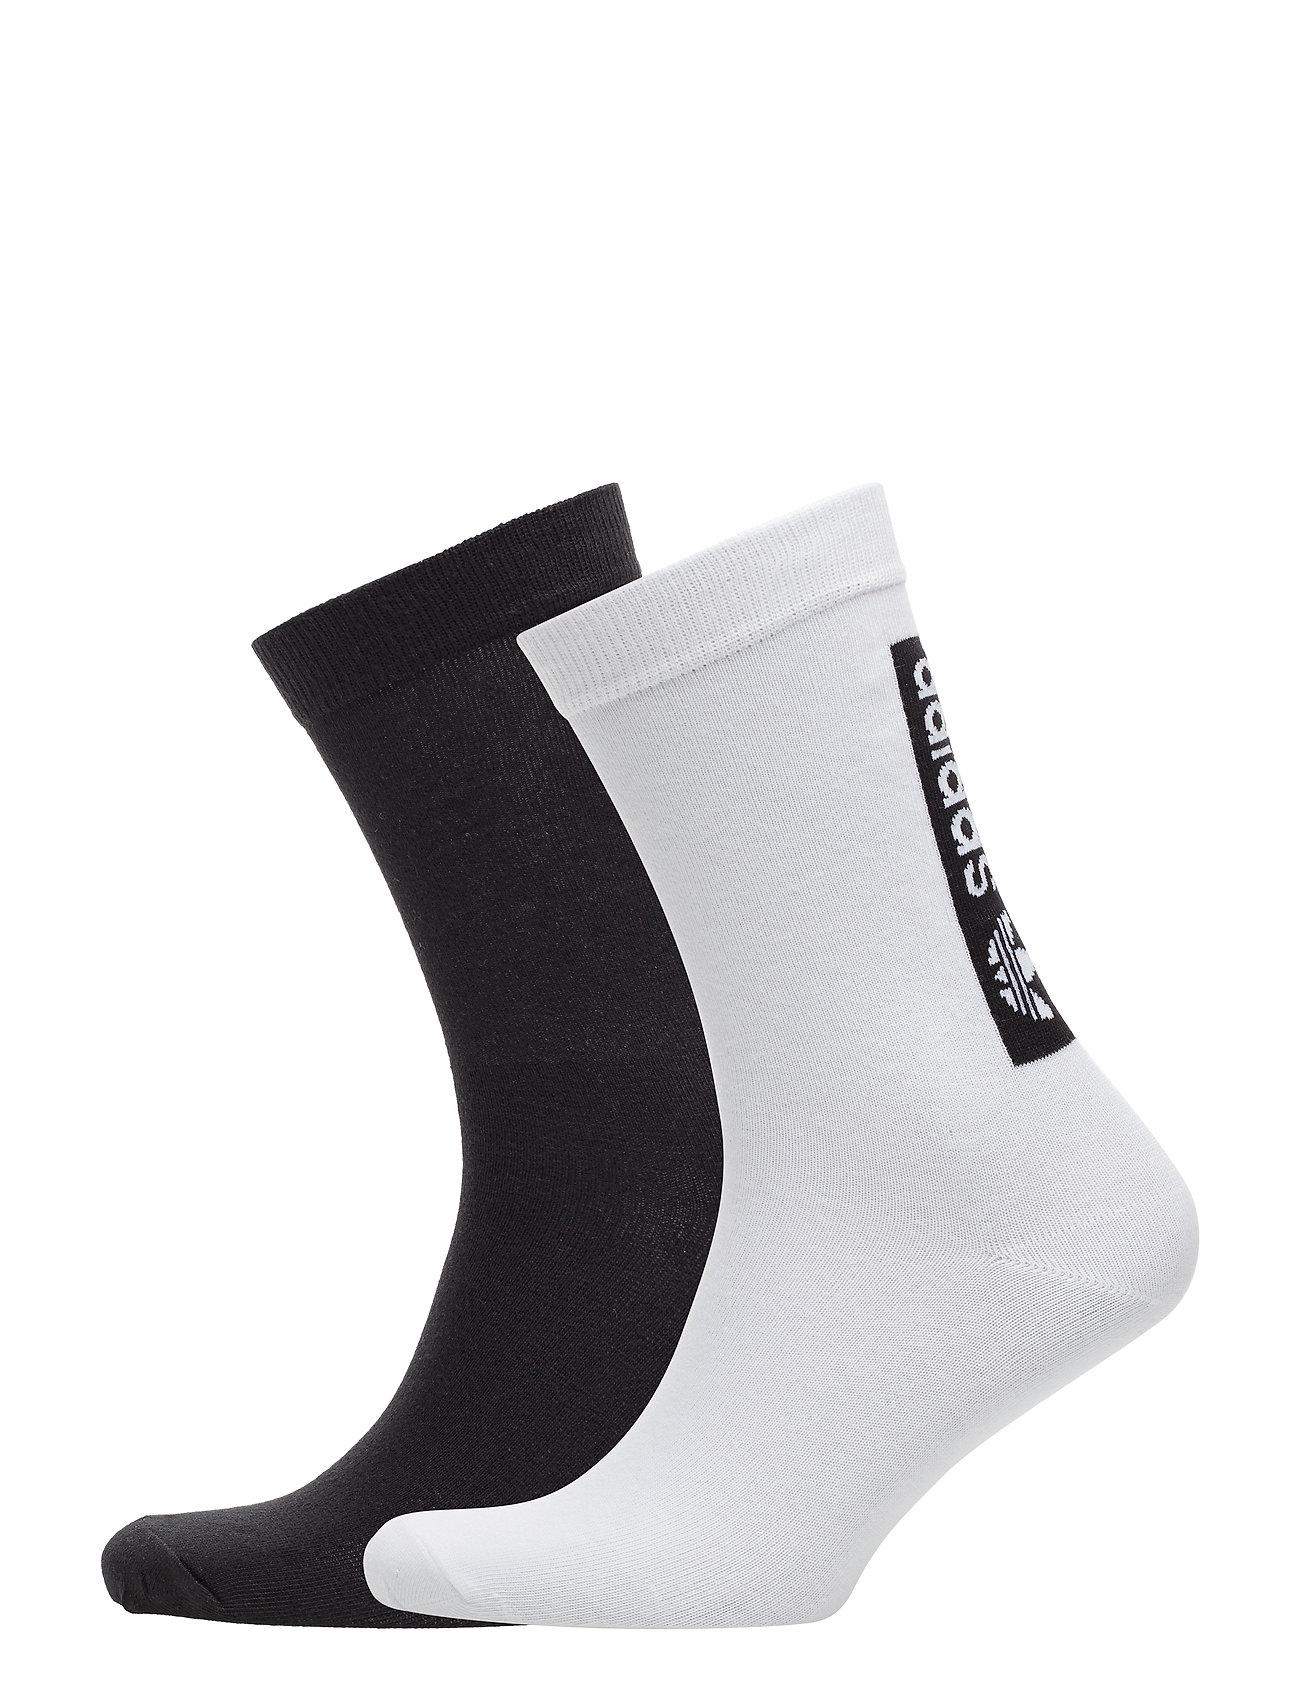 adidas Originals THN CRW - WHITE/BLACK